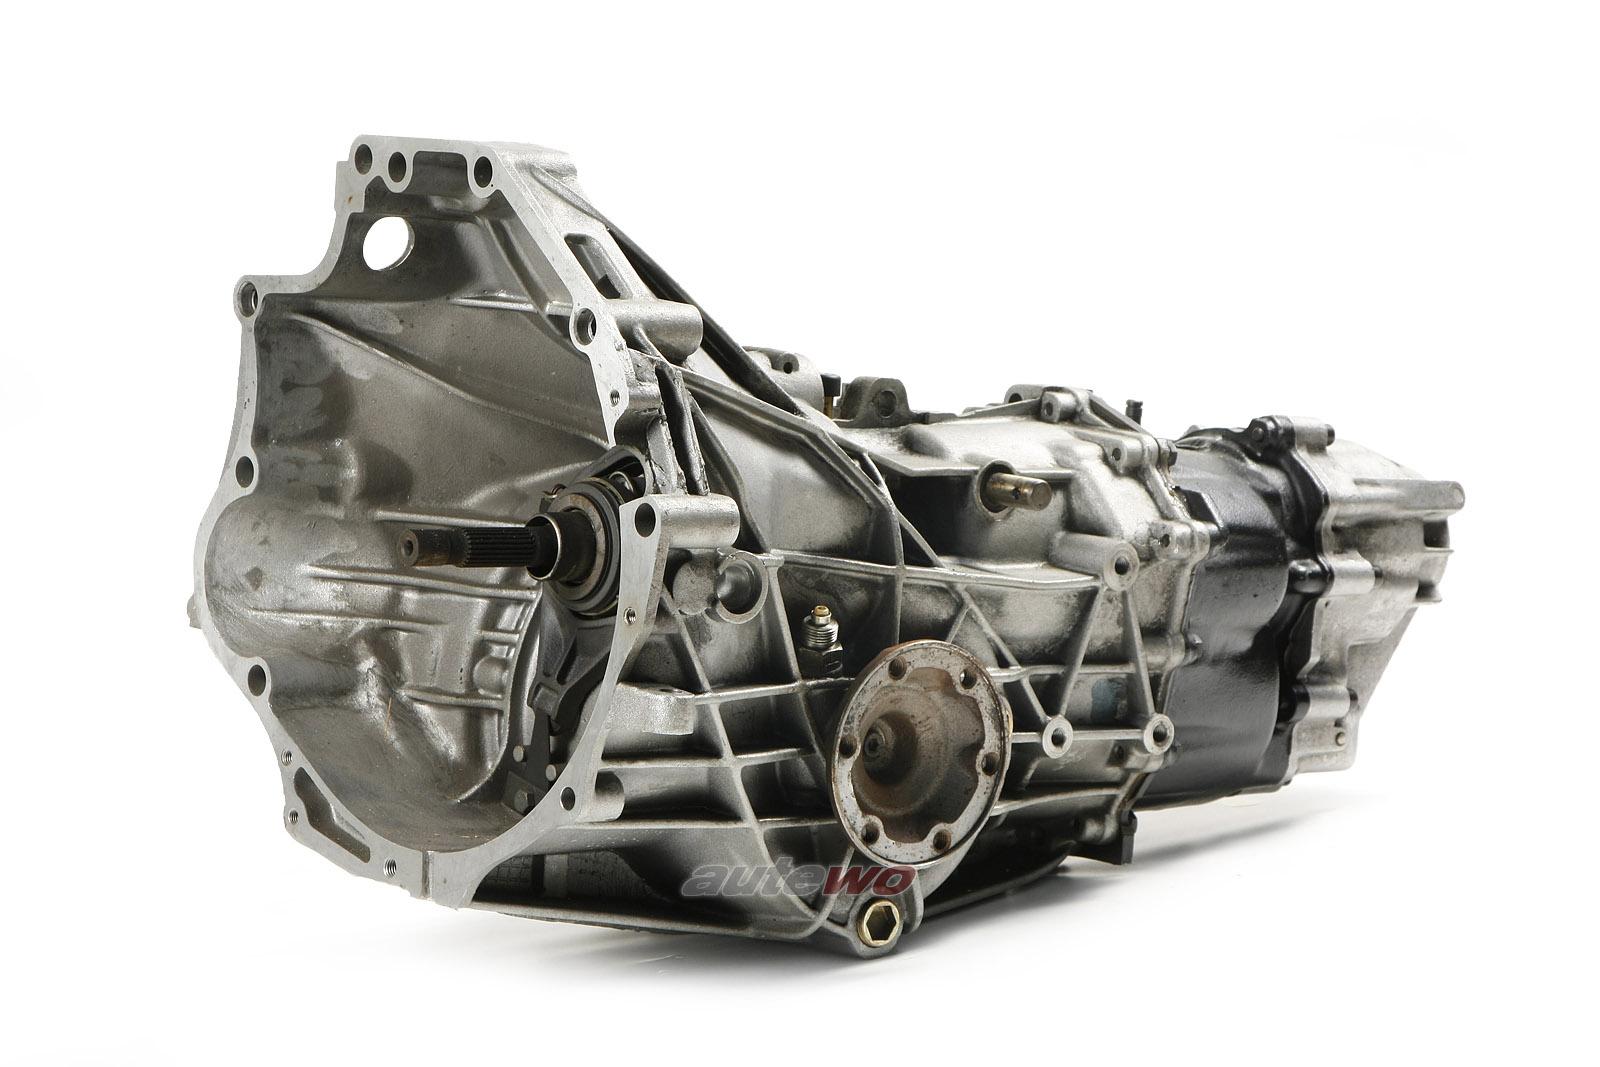 016300047P NEU Audi 100 Typ 44 2.0-2.2l 5-Gang-Schaltgetriebe AEY 24010